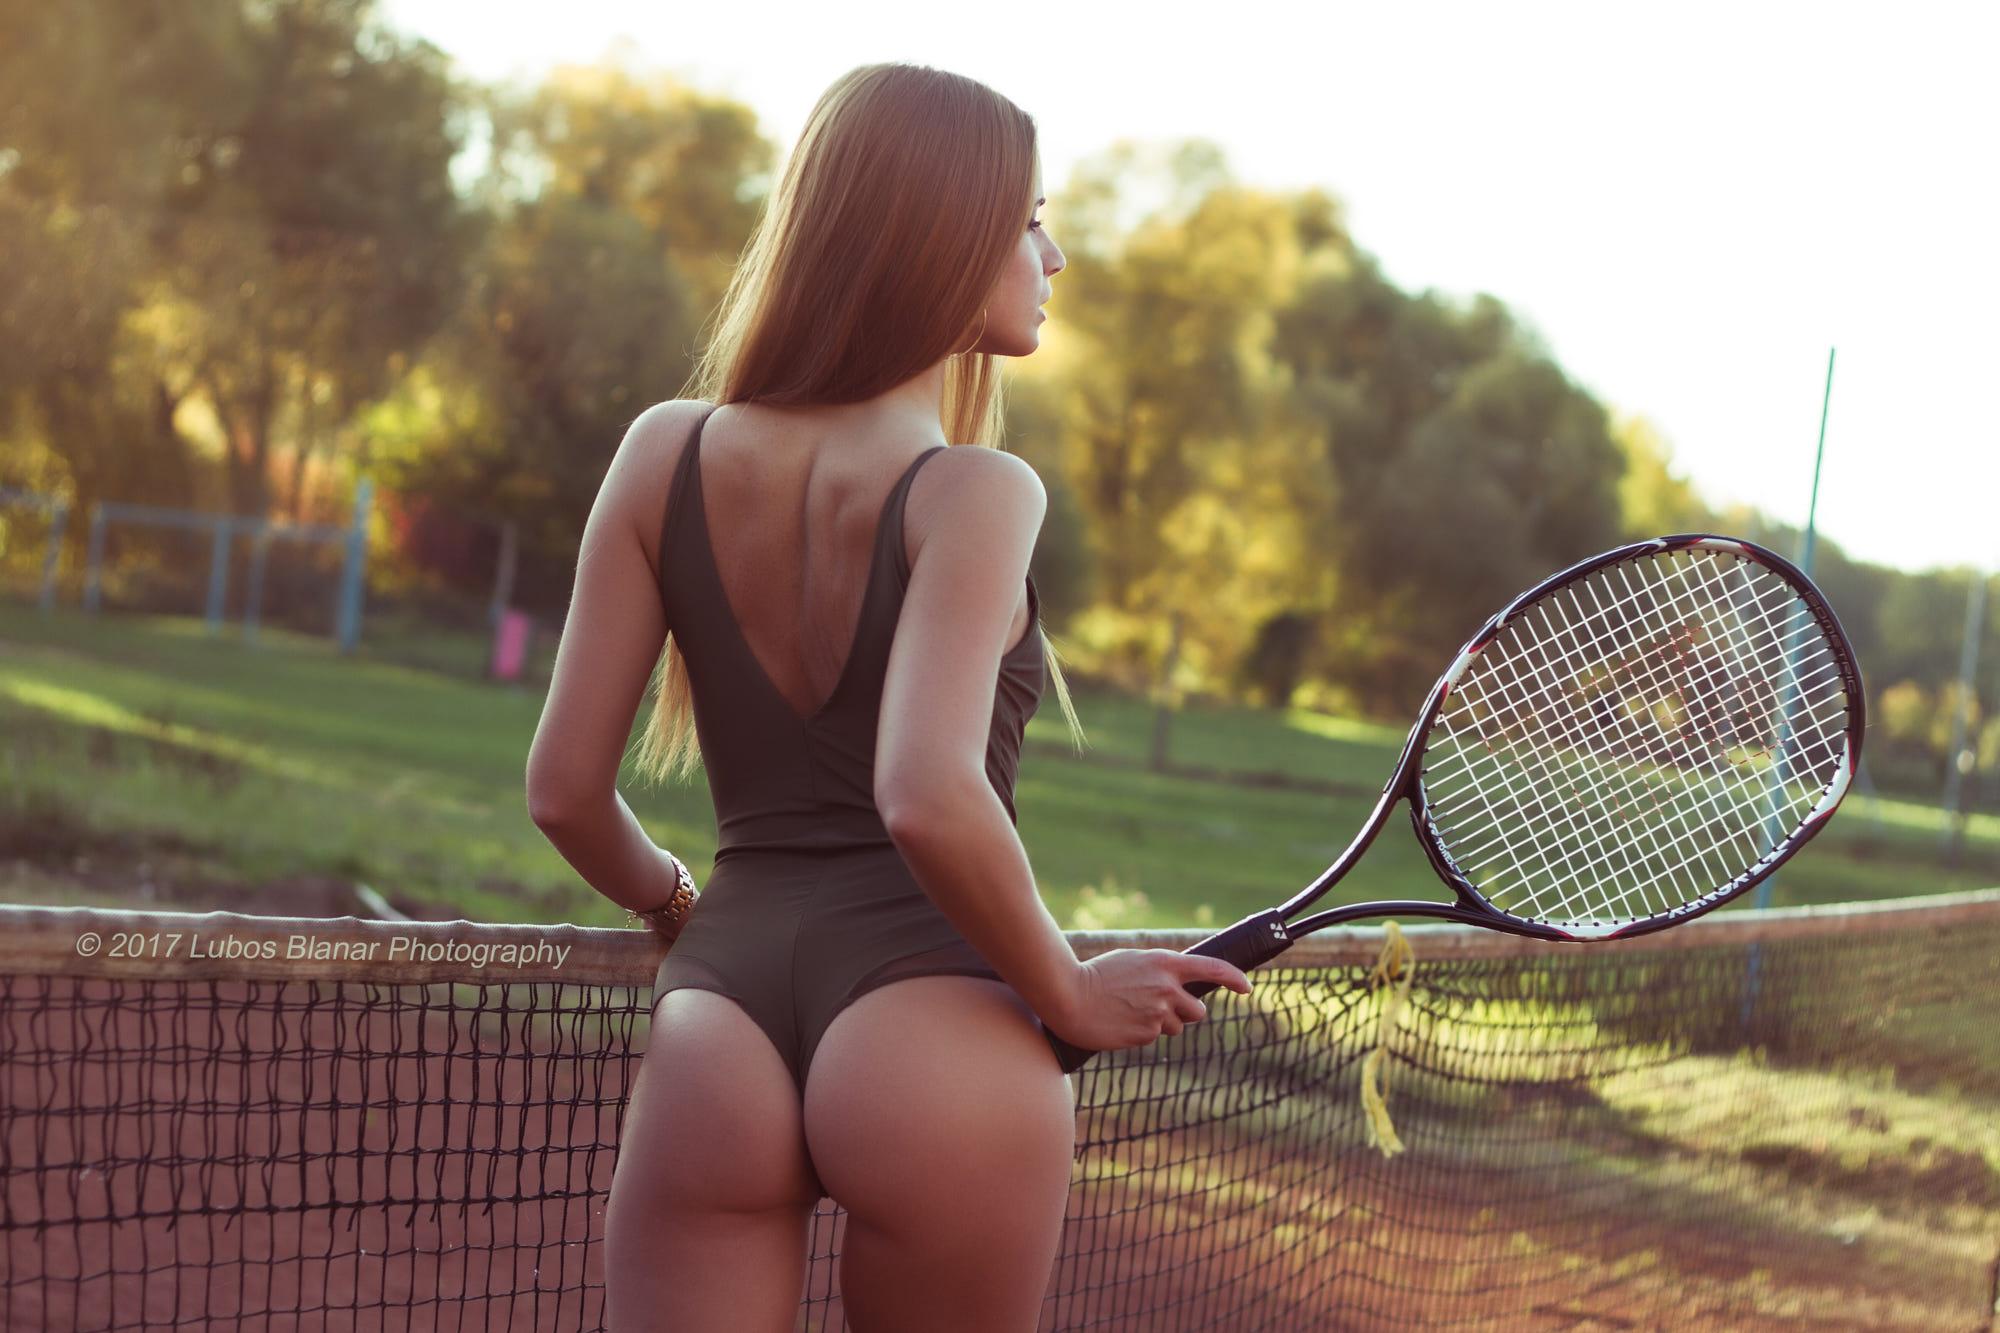 на теннисном корте эро почувствовал как